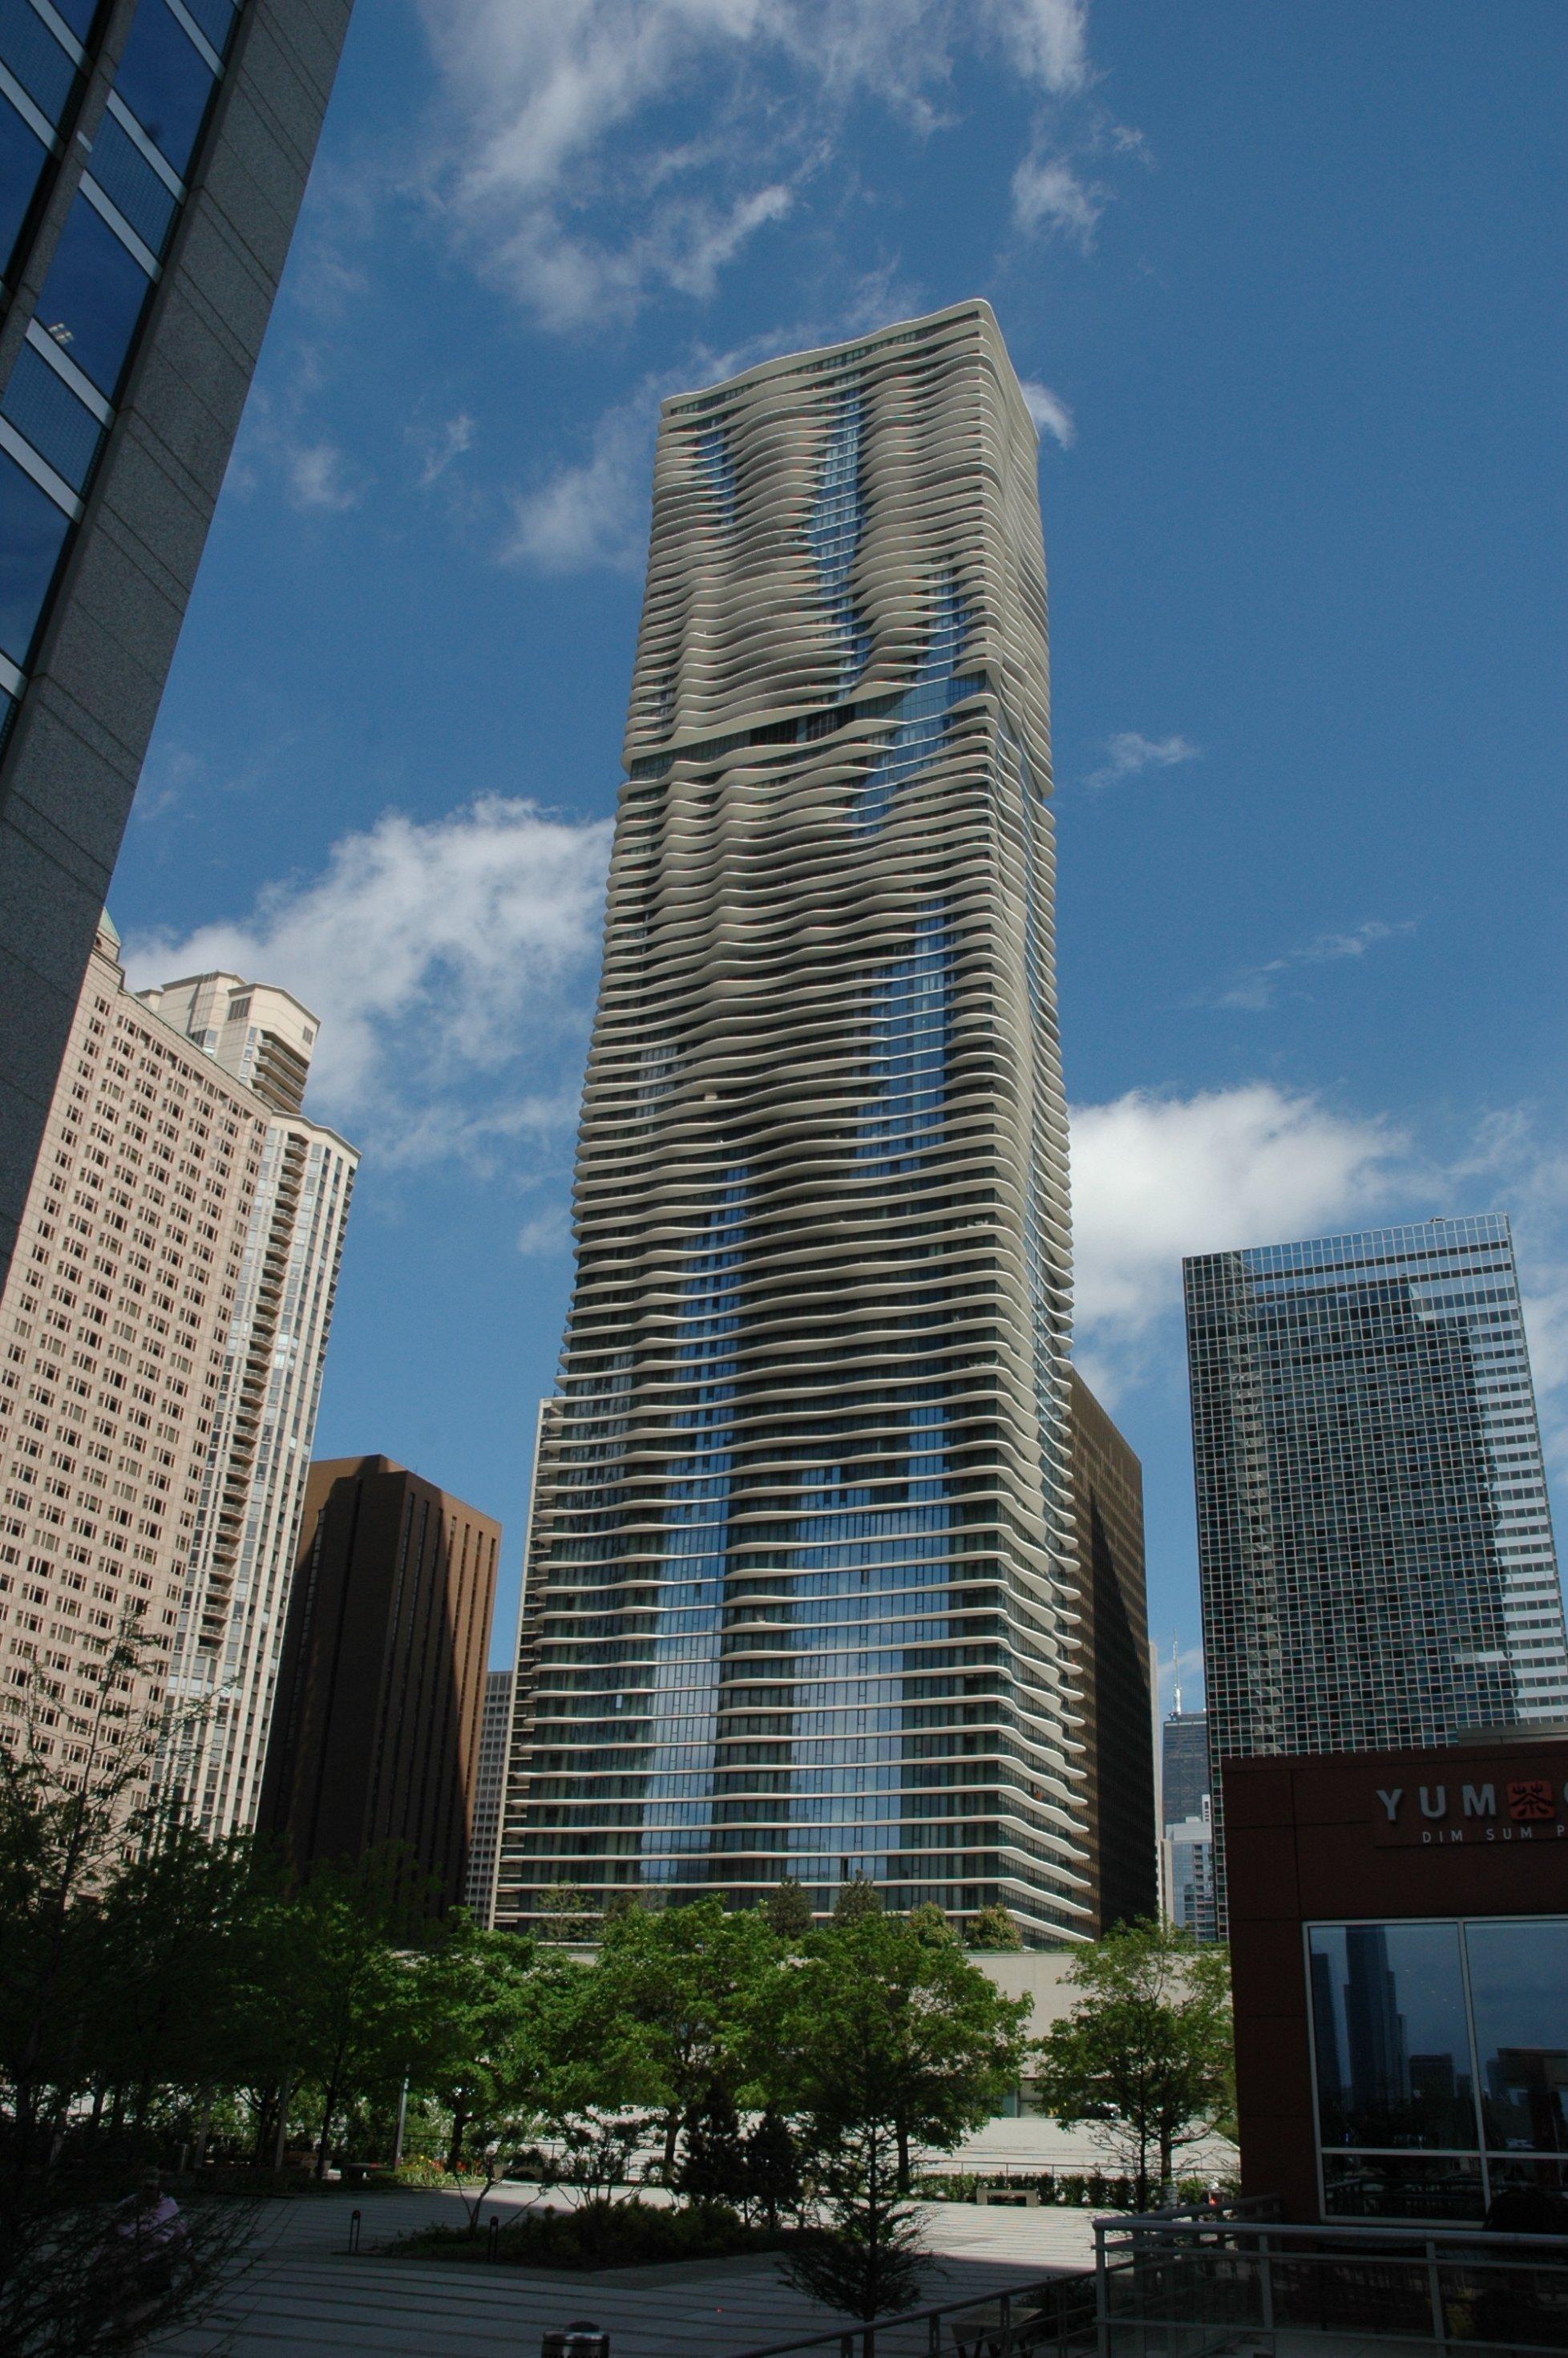 Die Fassade des Aqua Towers erinnert an Wellen, die auf einen flachen Strand auflaufen